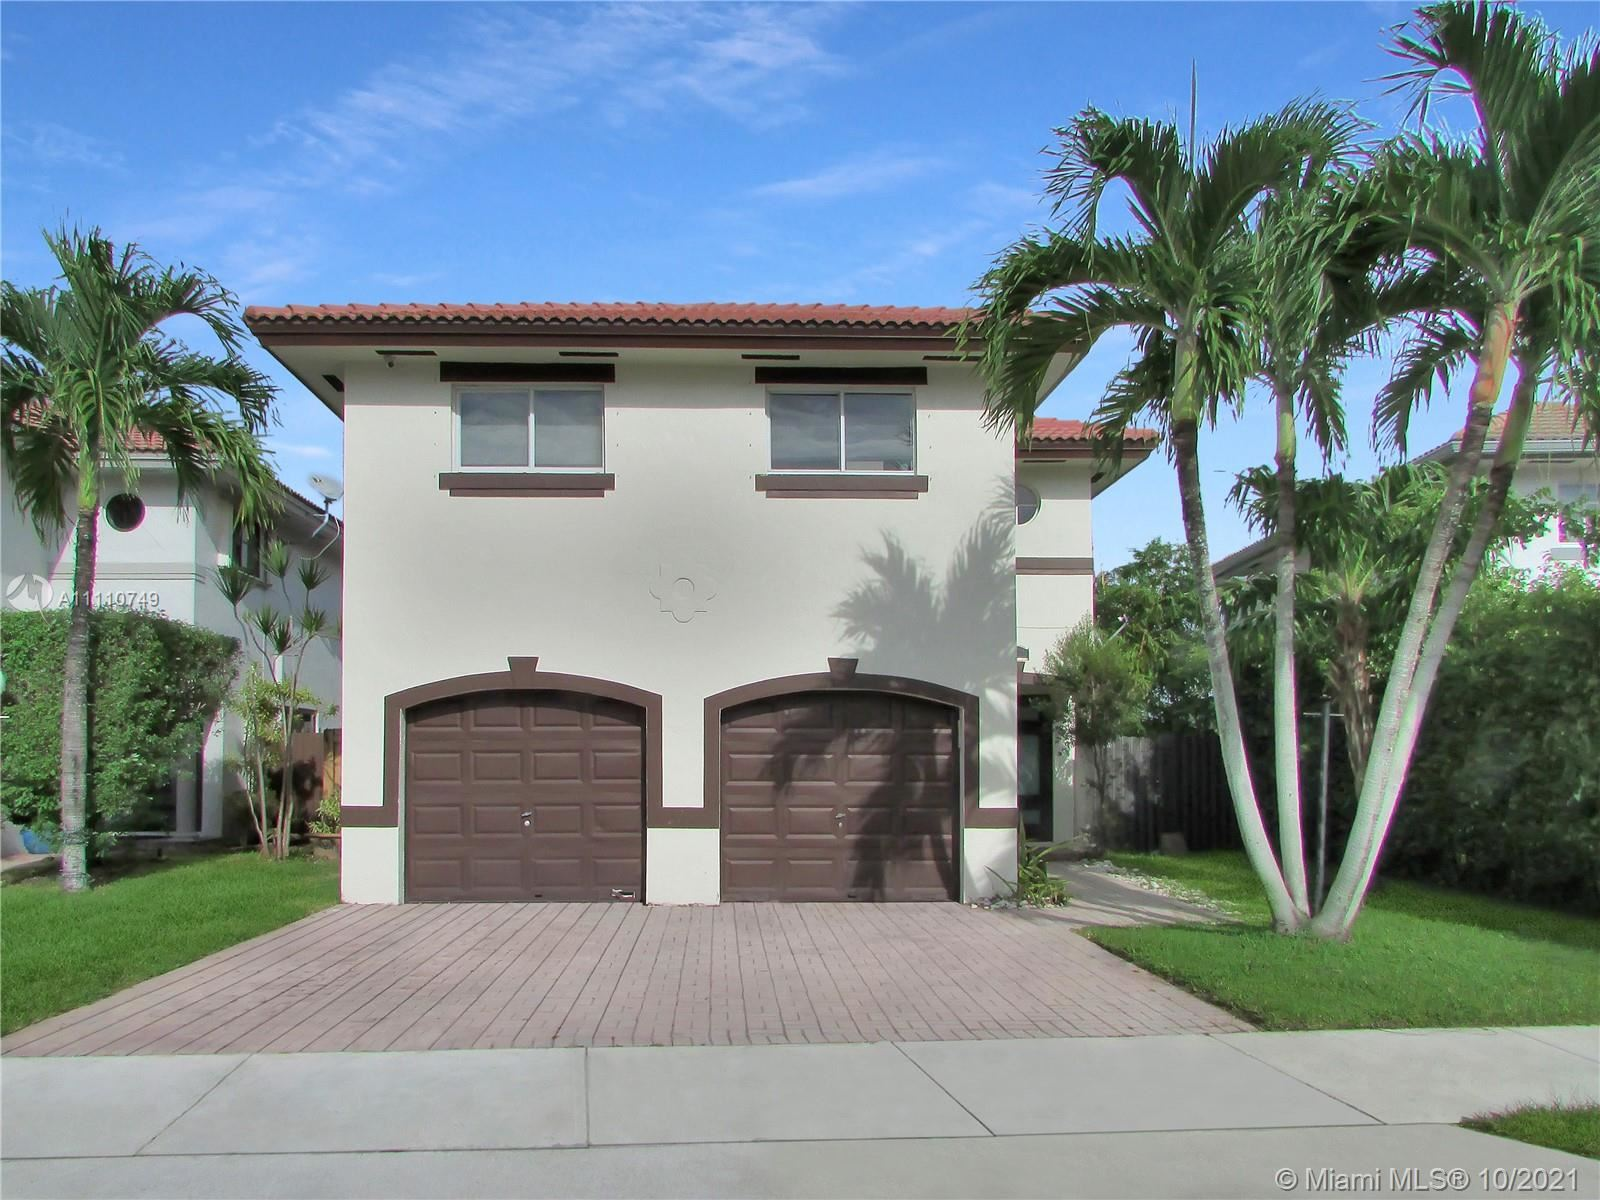 16441 SW 141st Ave, Miami, FL 33177 - #: A11110749